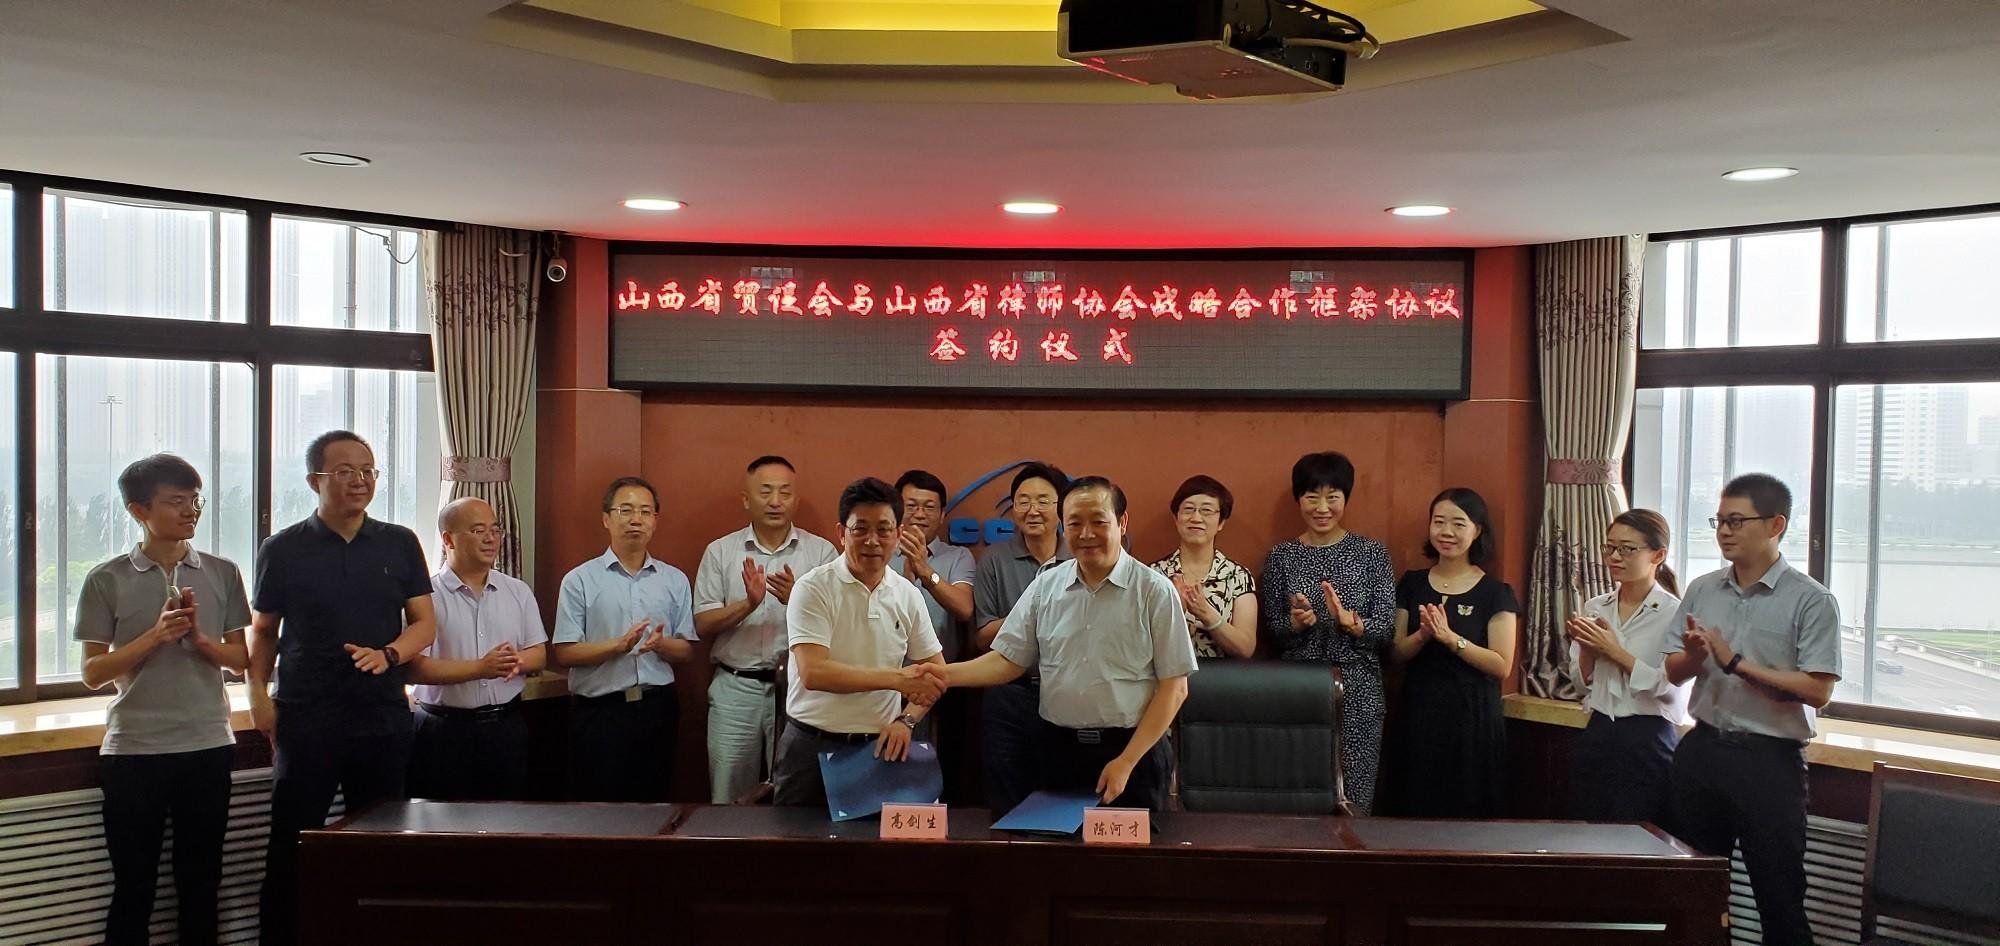 山西省贸促会与山西省律师协会举行交流座谈会并签署合作协议